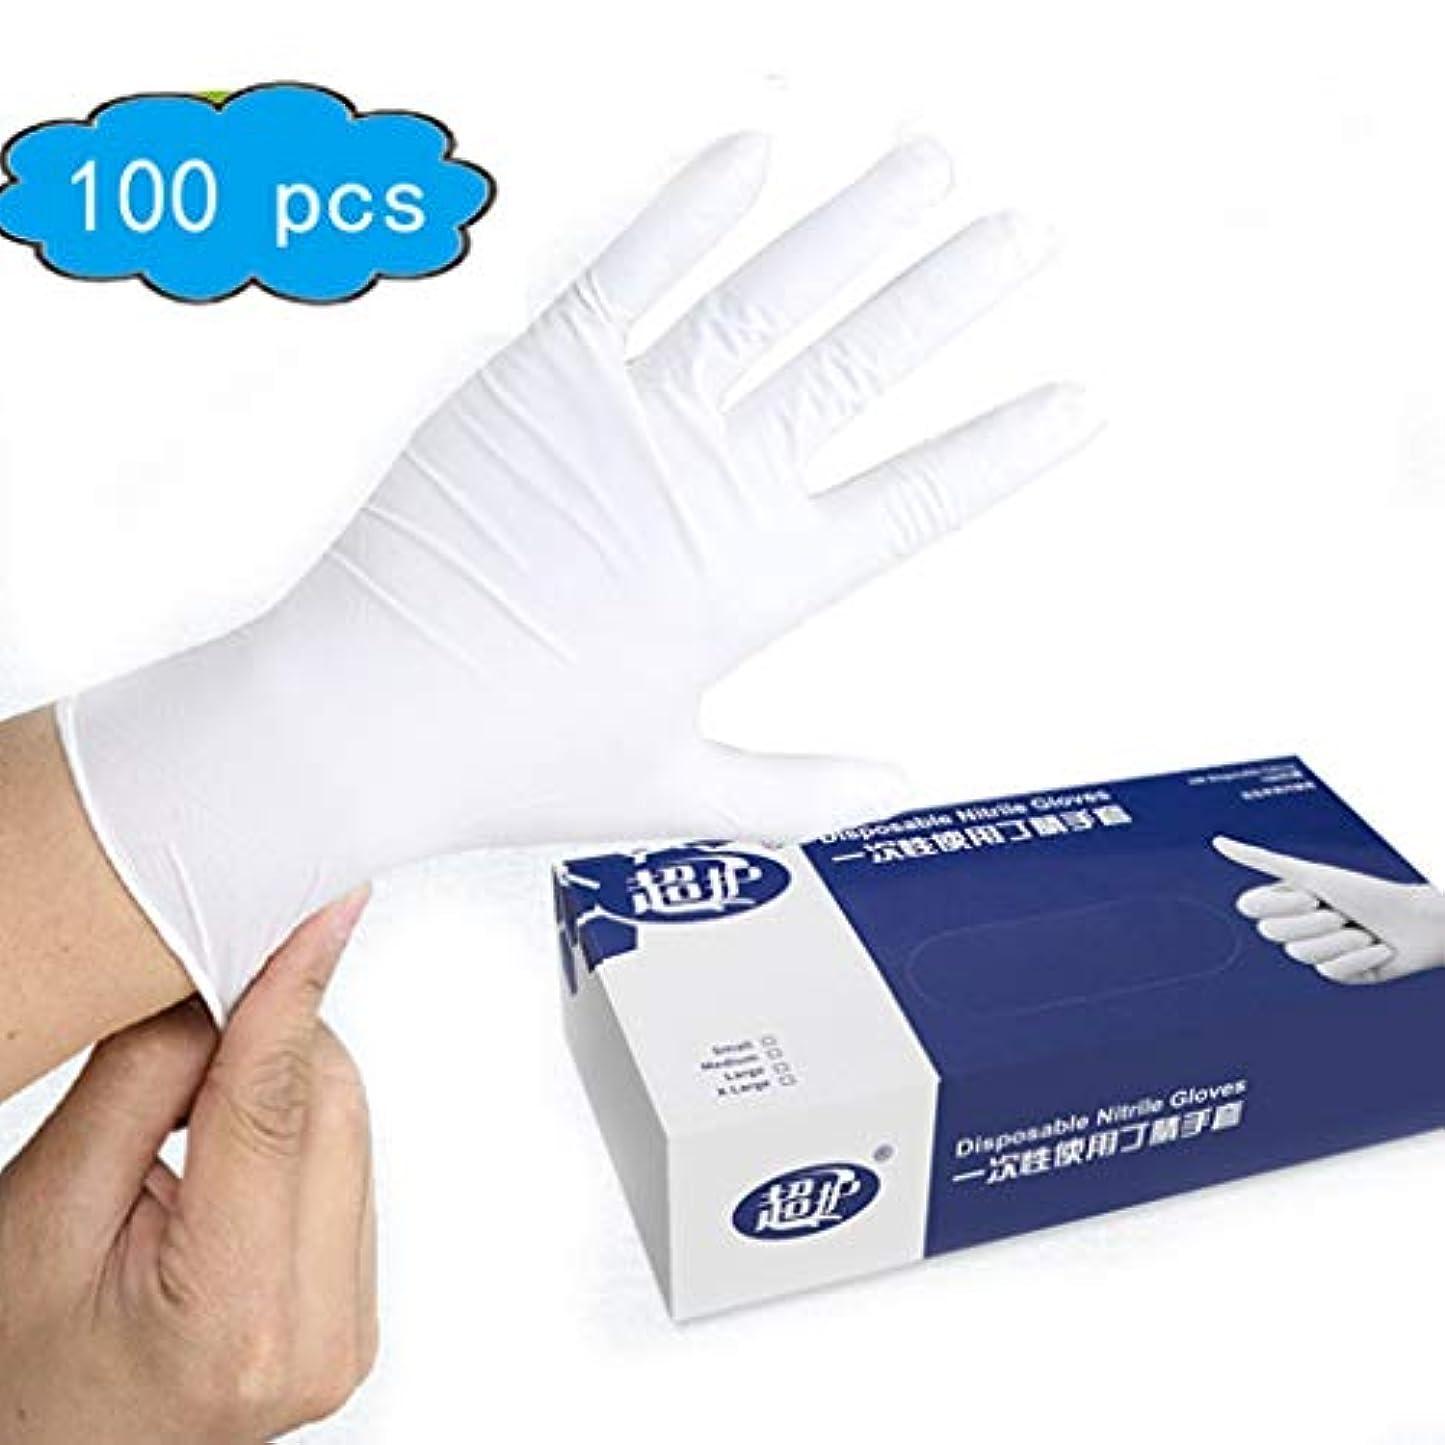 スムーズに関与する治安判事ニトリル手袋 - ラテックスフリー、パウダーフリー、非滅菌、衛生手袋、100のボックス (Color : White, Size : S)